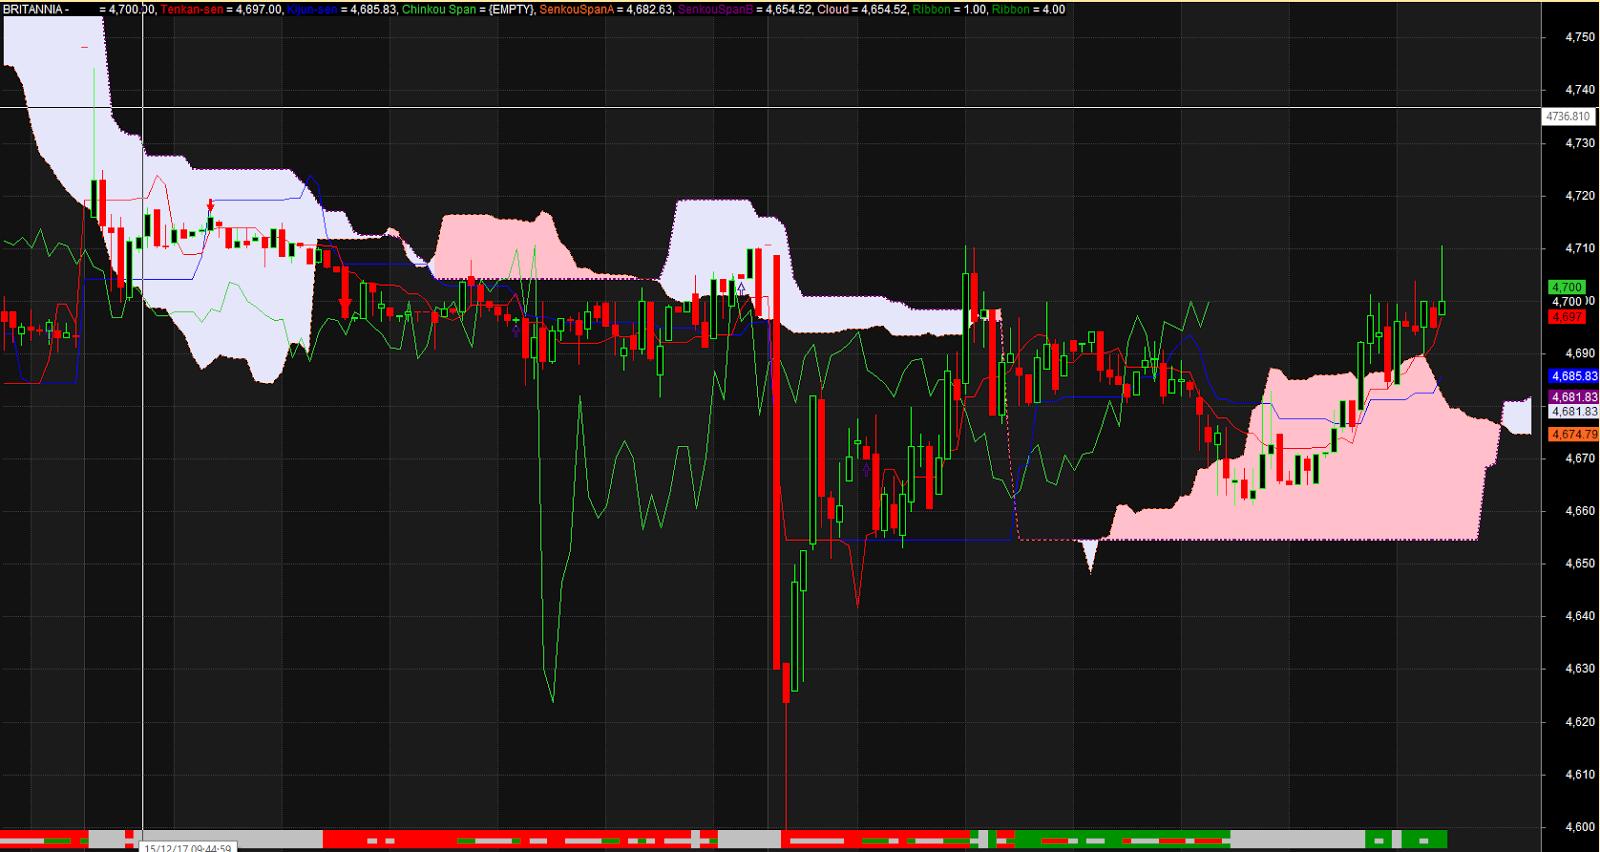 Ichimoku swing trading system